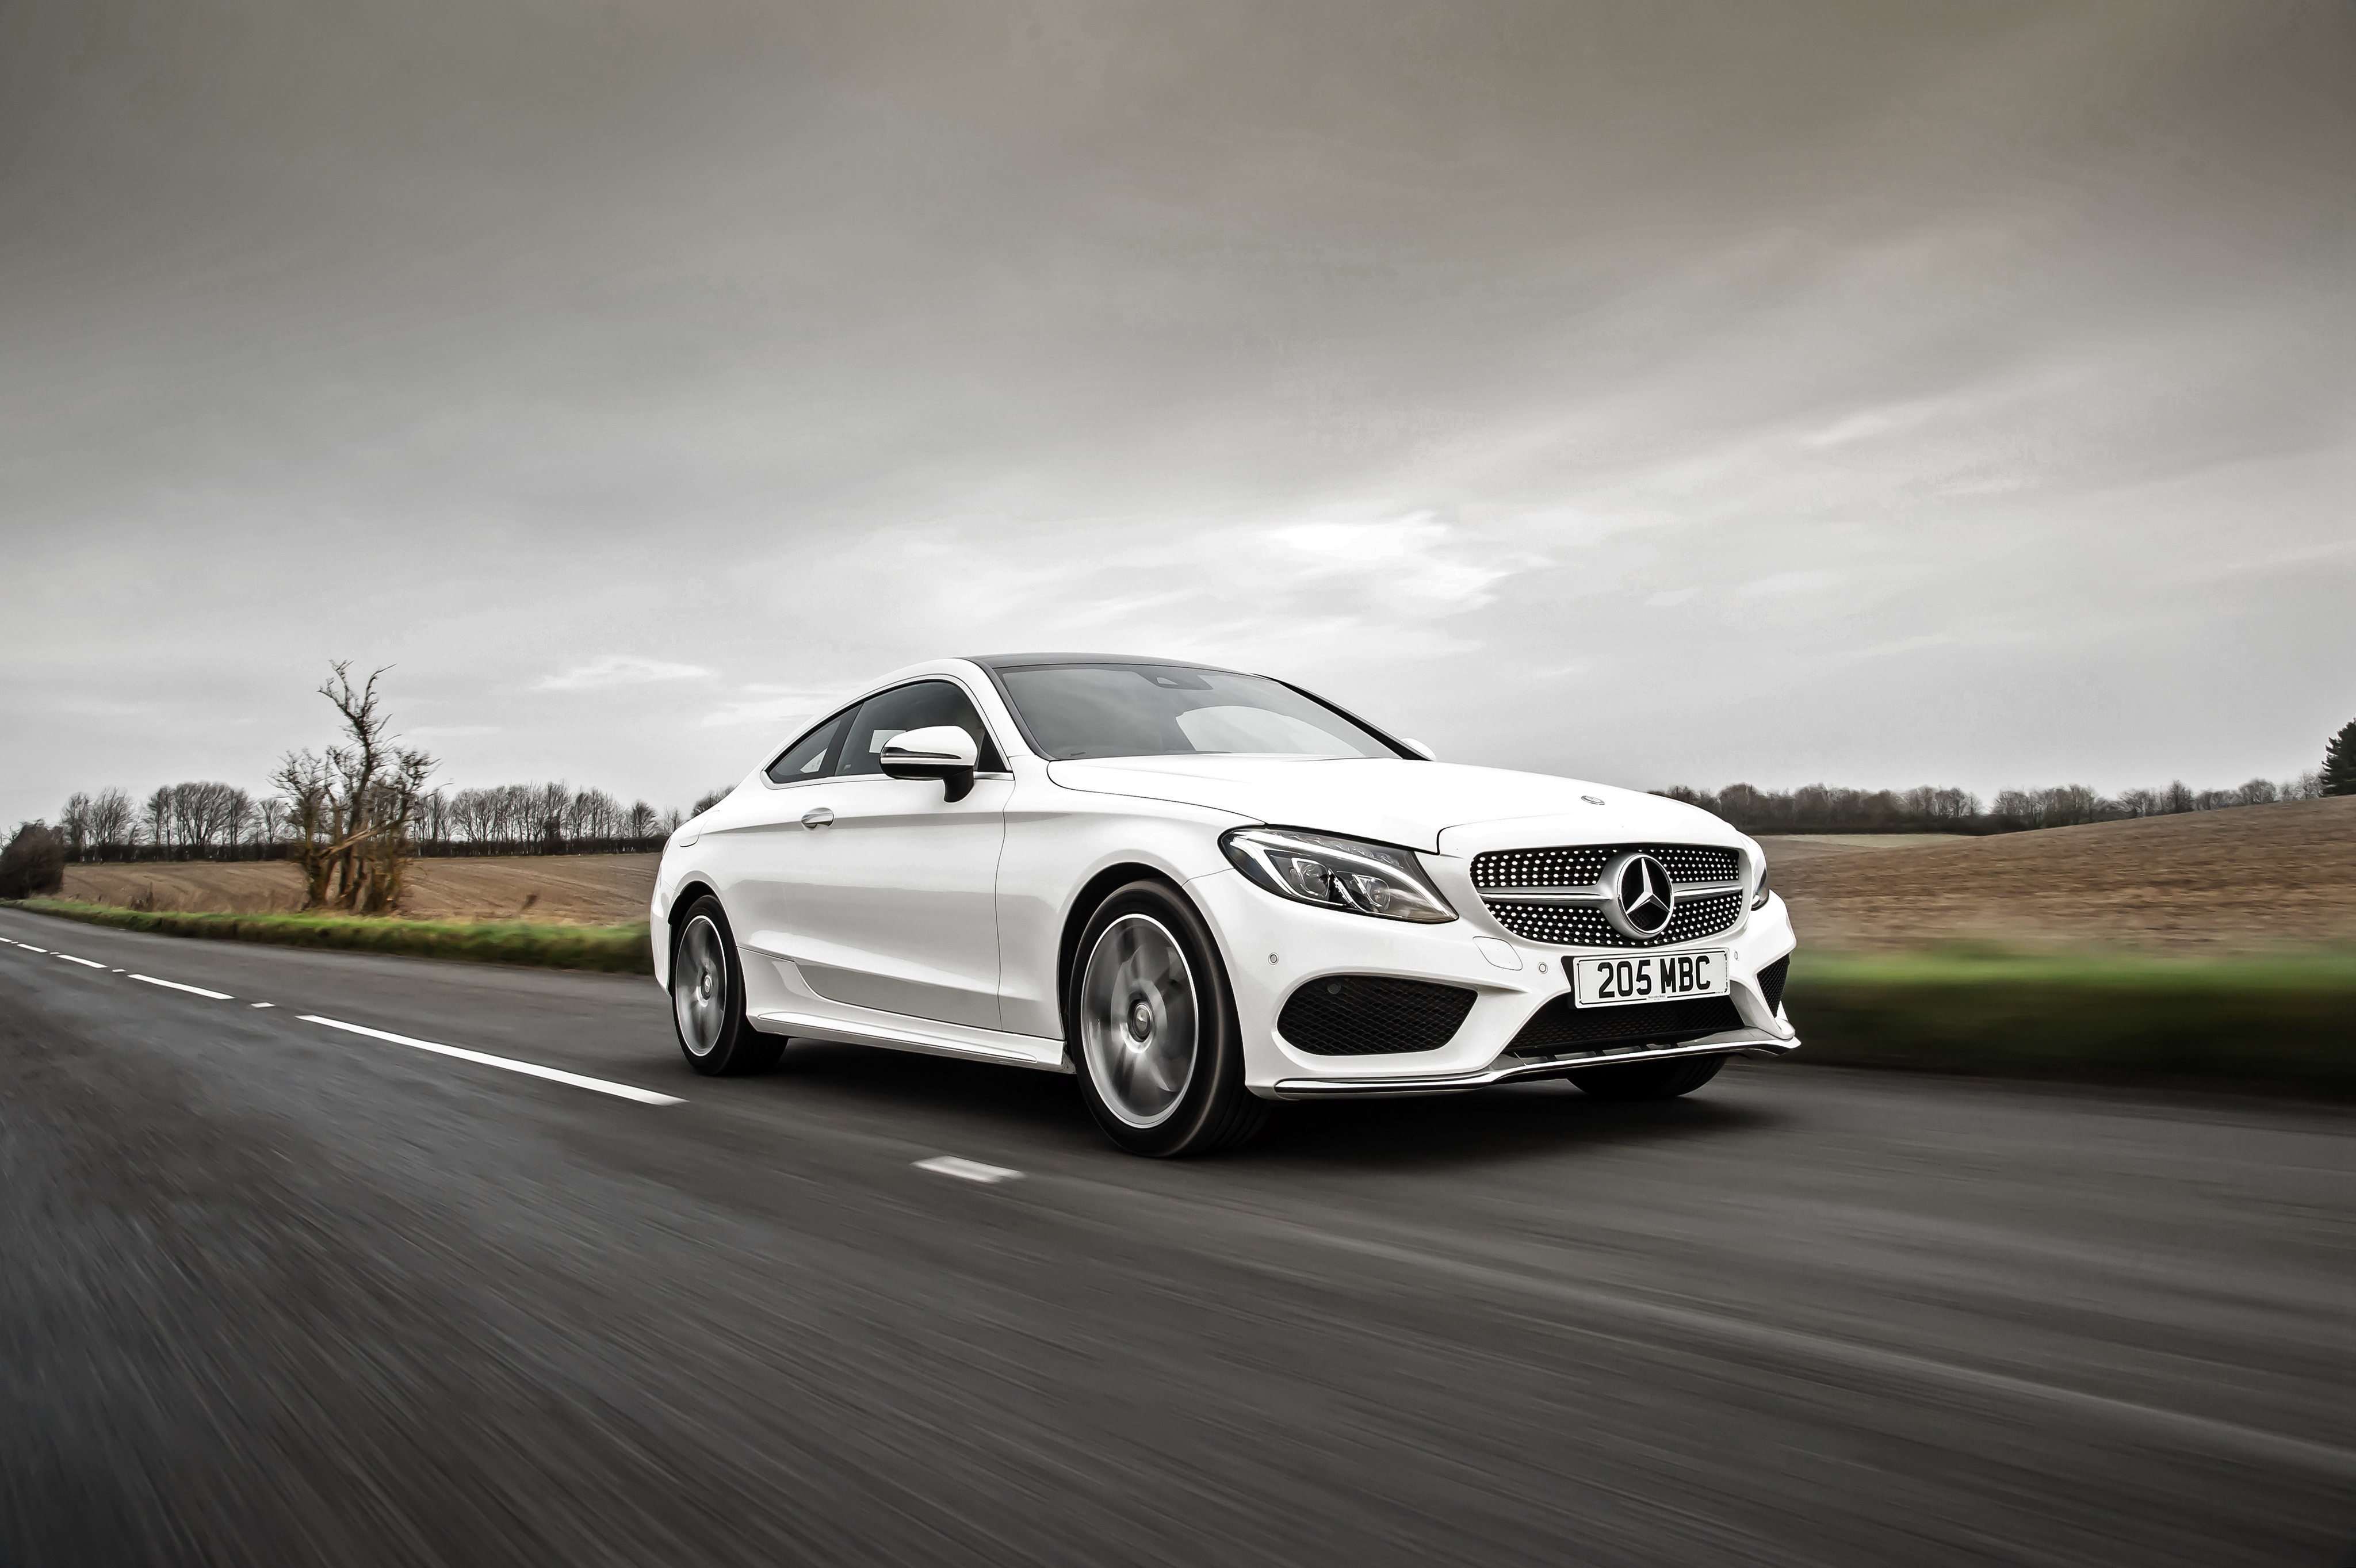 Mercedes-Benz C-Class 4k Ultra HD Wallpaper